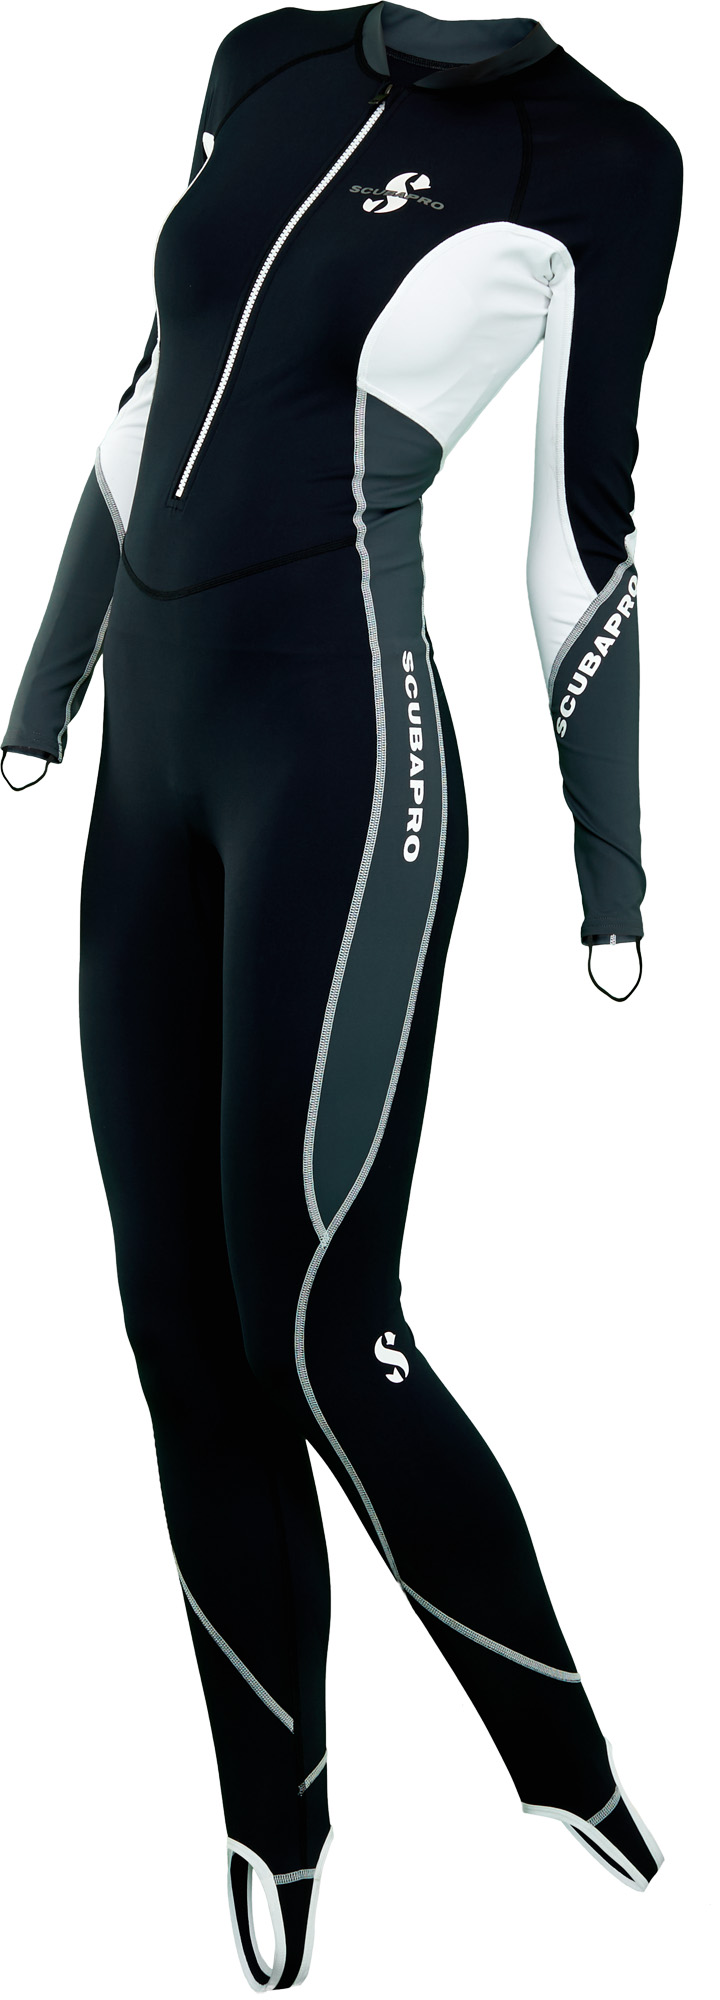 Дамски водолазен костюм от ликра с UV защита STEAMER GRAPHITE Lady - Scubapro